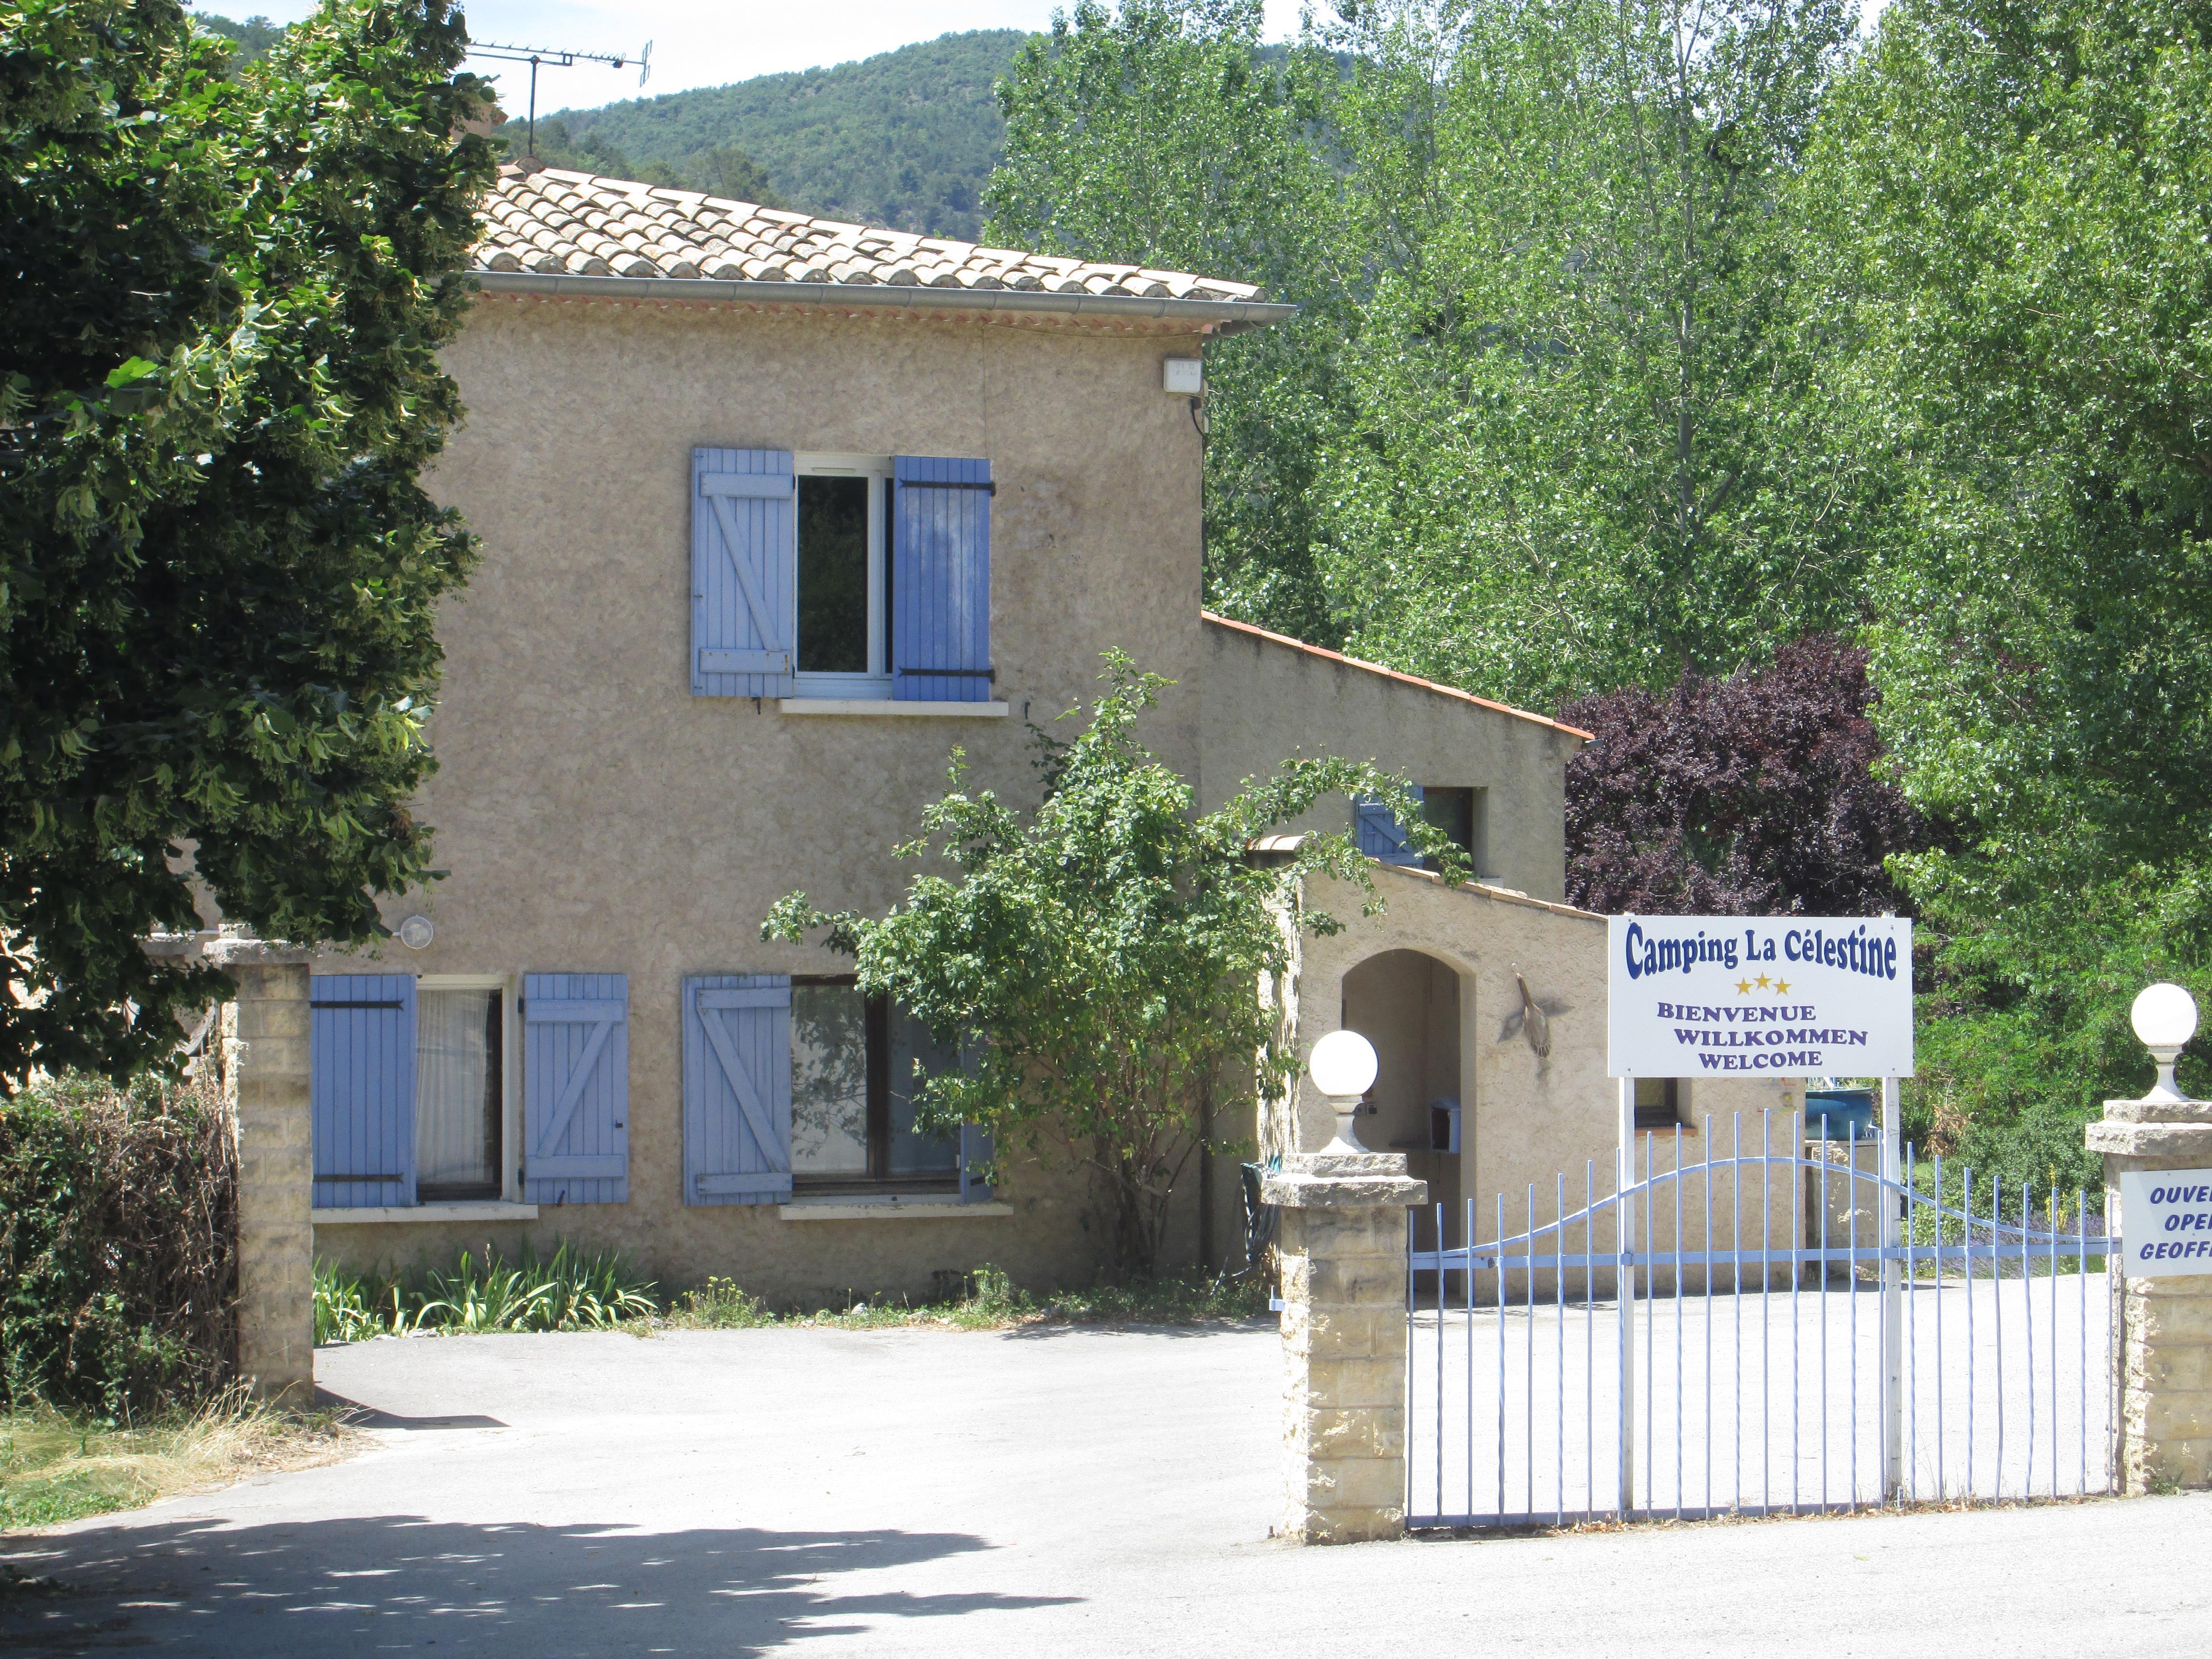 Camping la Célestine, Beynes, Alpes-de-Haute-Provence